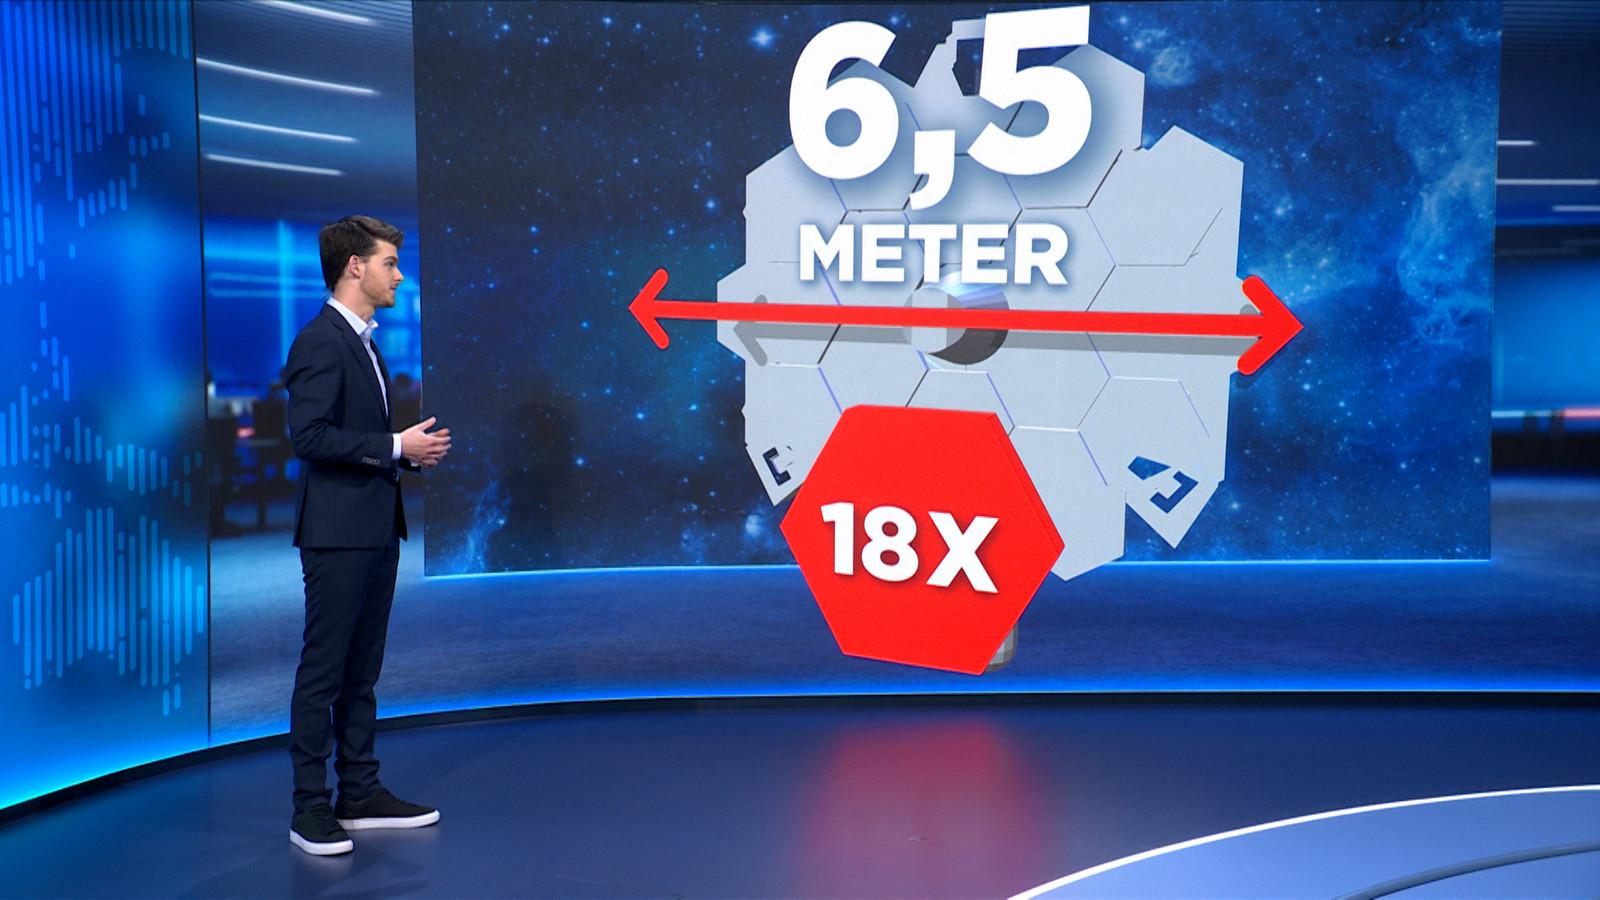 De Europese ruimtevaartorganisatie ESA heeft zijn plannen voorgesteld voor de James Webb-ruimtetelescoop. Dat moet de grootste en krachtigste ooit worden.